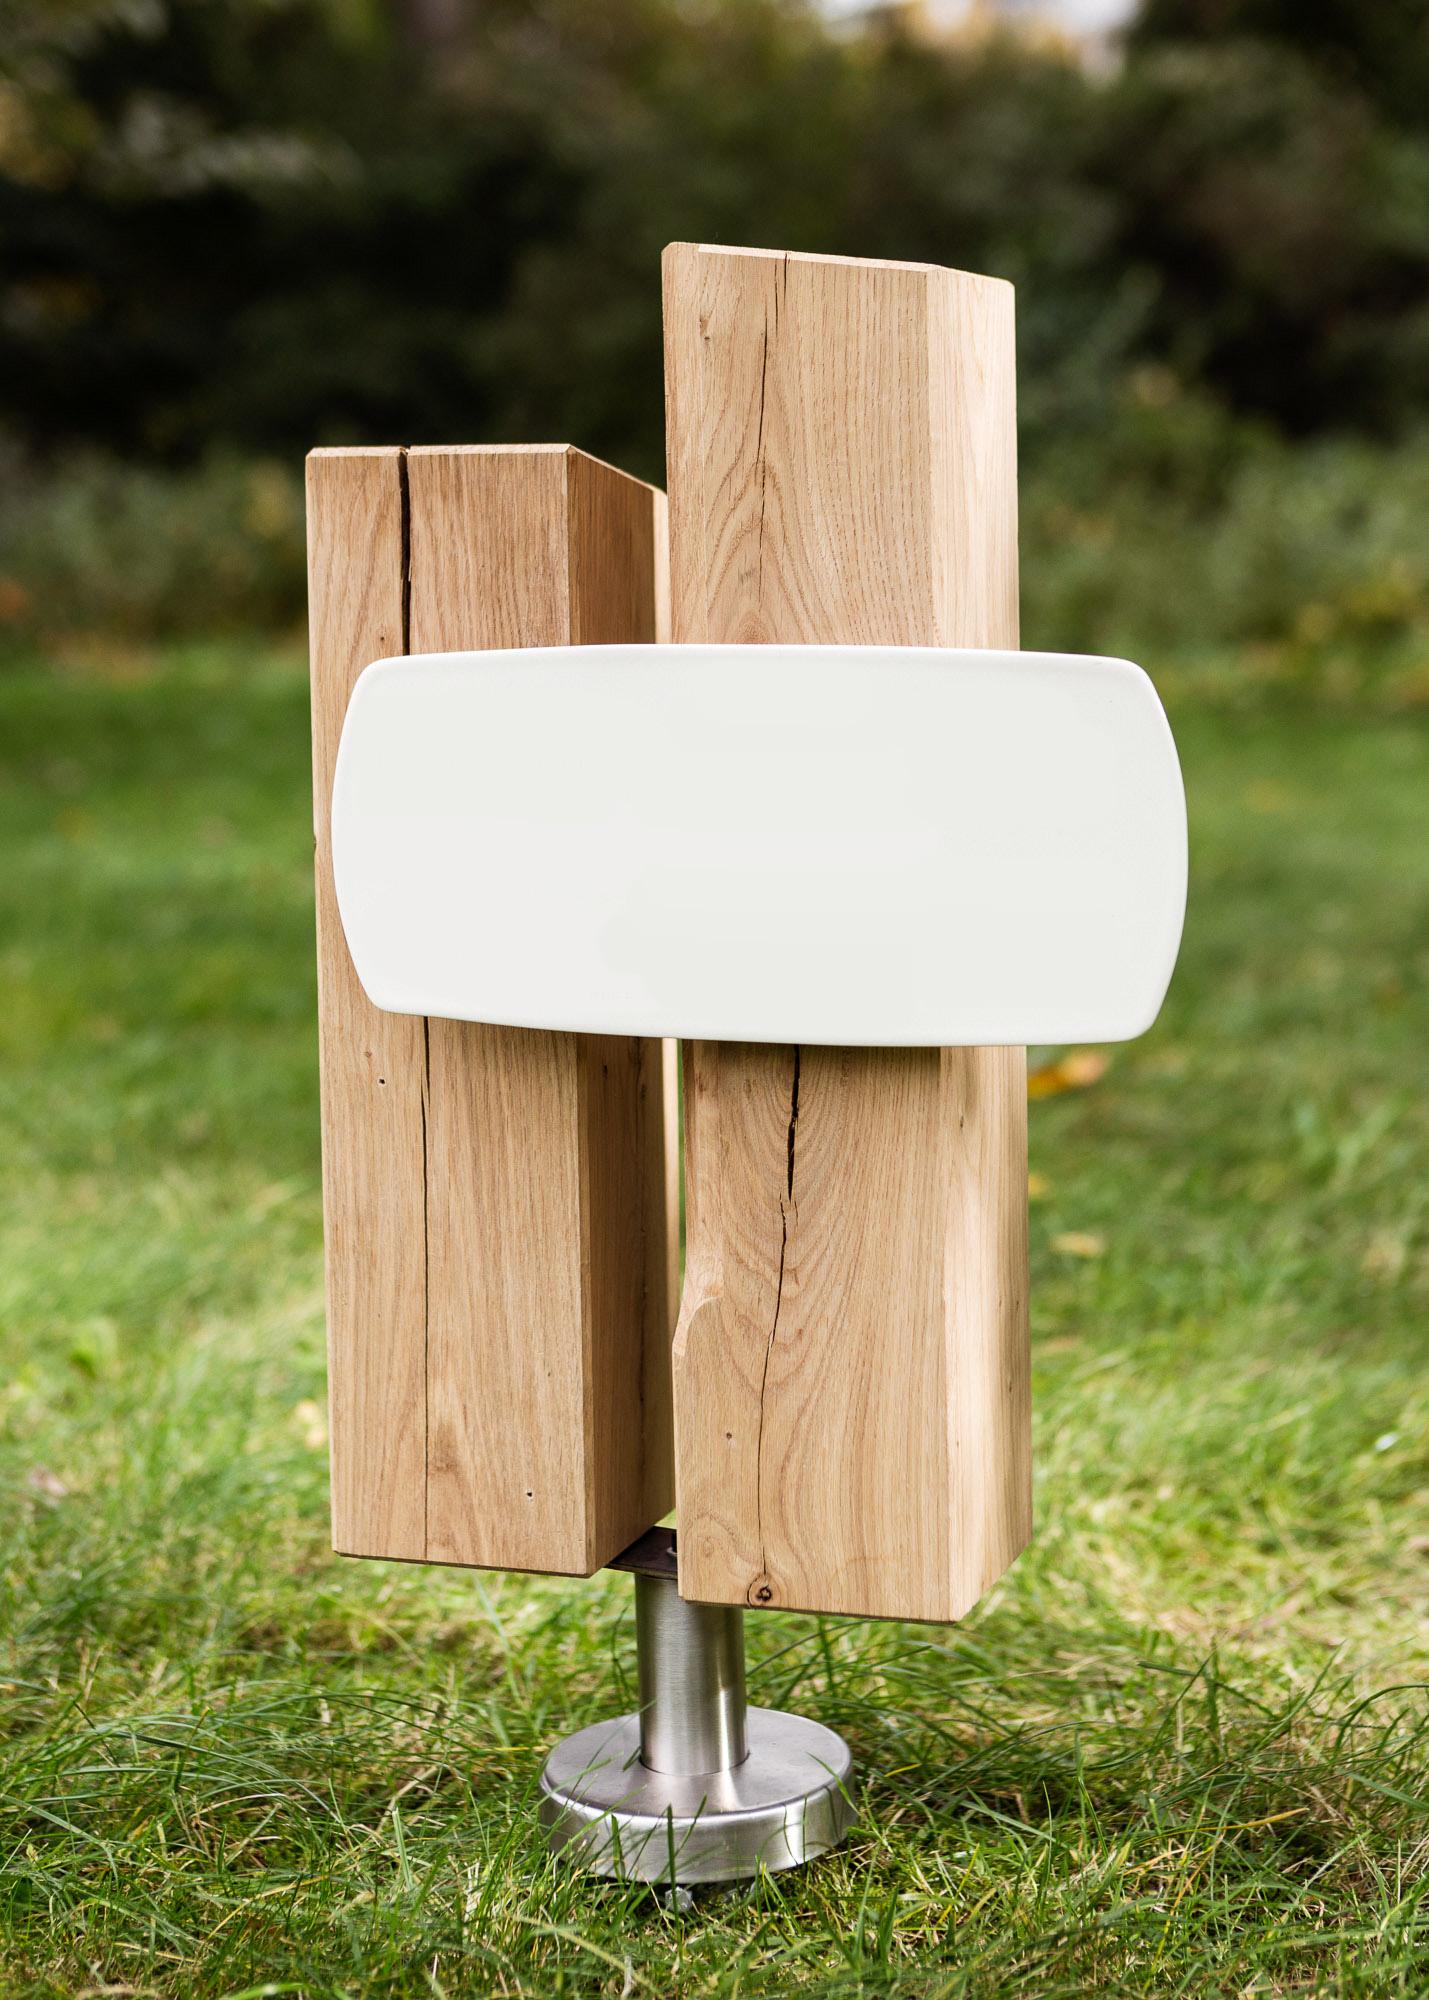 Holzgrabmal aus zwei Stelen mit langem Emailleschild